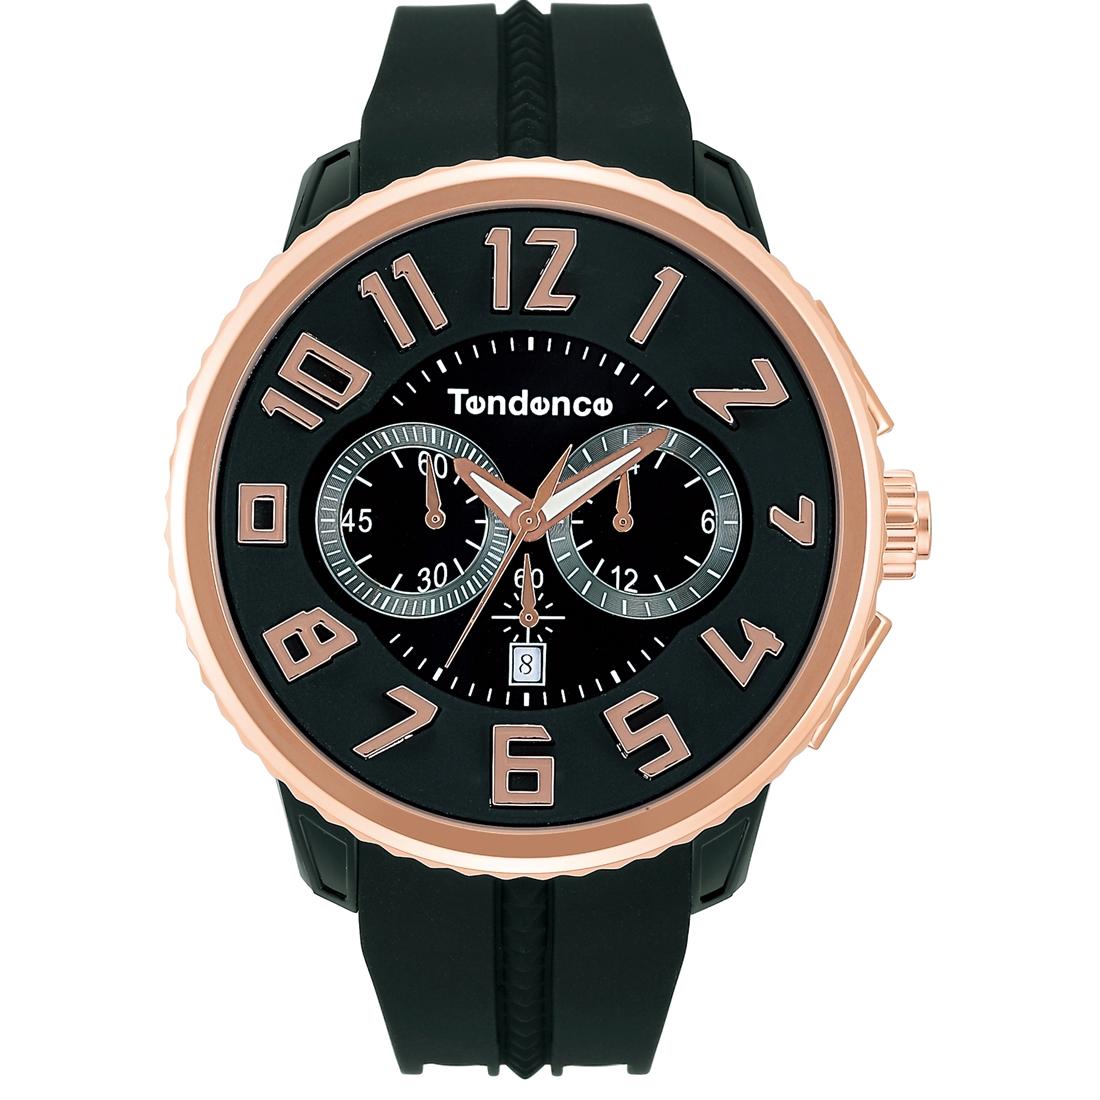 【今ならオーバーサイズノートプレゼント】 テンデンス Tendence TG046012R ガリバー ラウンド クロノグラフ 正規品 腕時計